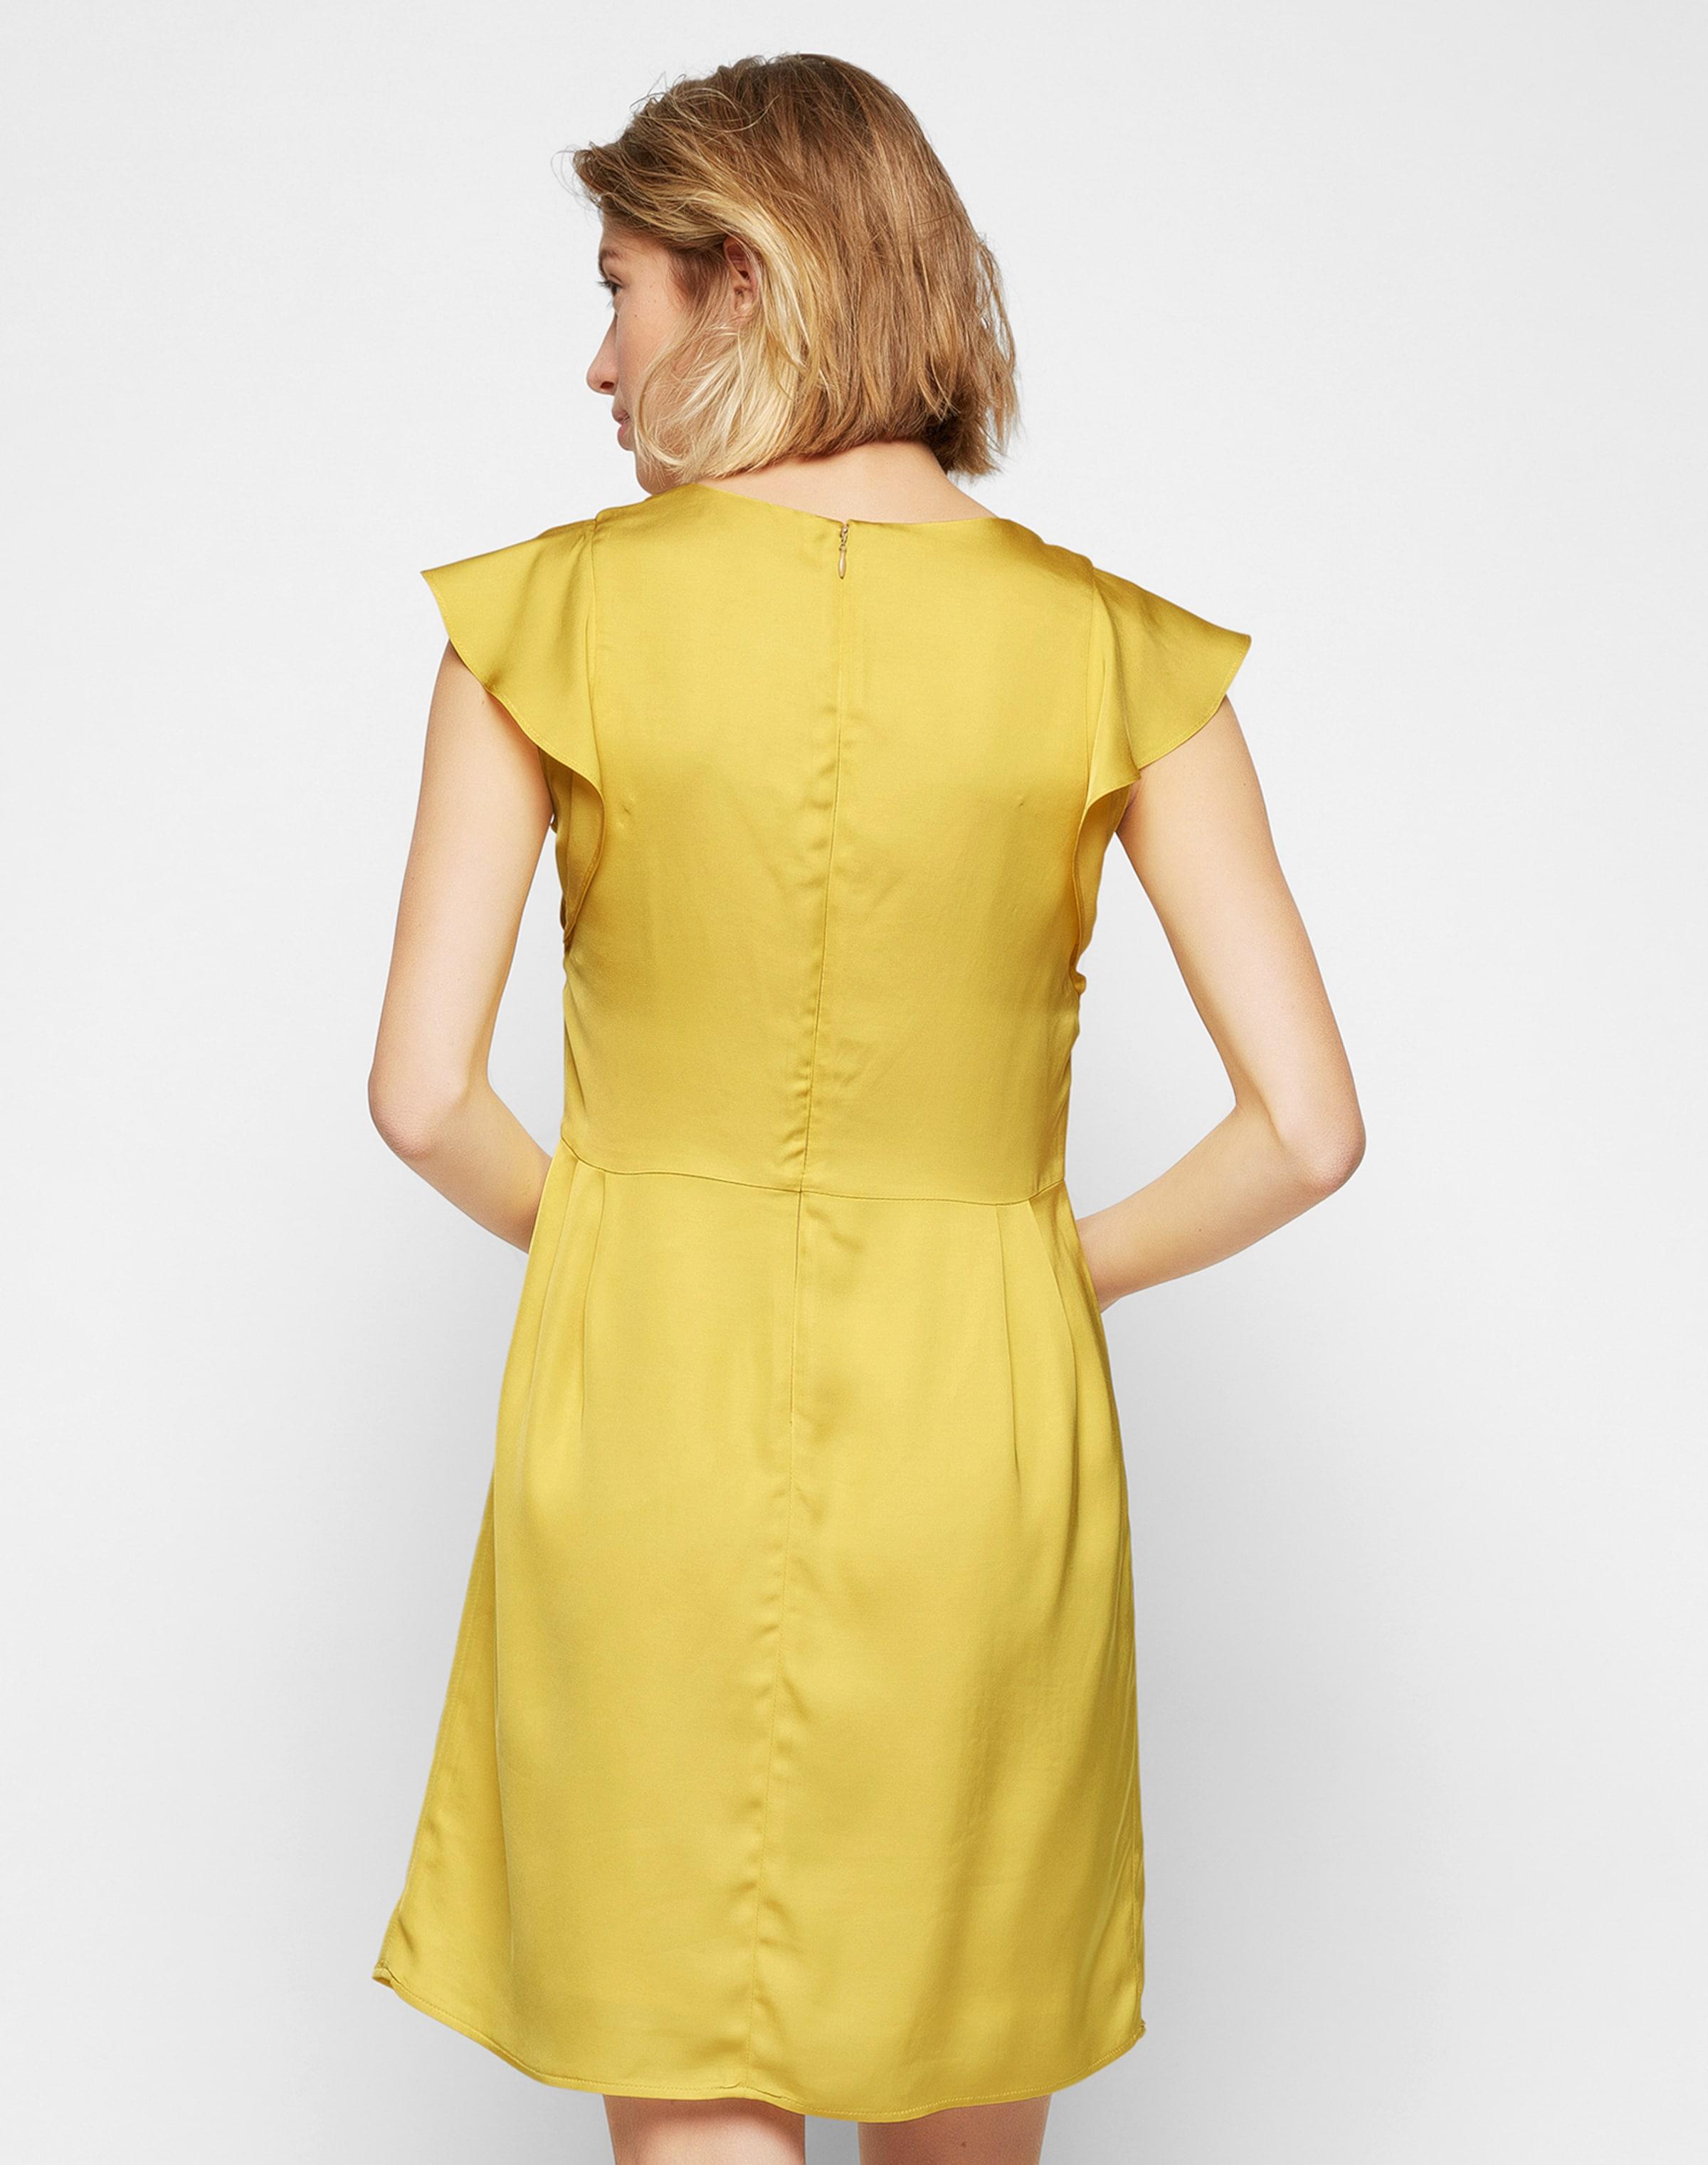 Spielraum Neue Ankunft Kosten Für Verkauf SET Sommerliches Kleid Günstig Kaufen Besten Großhandel Rabatt Visum Zahlung KTSFvwgr7c